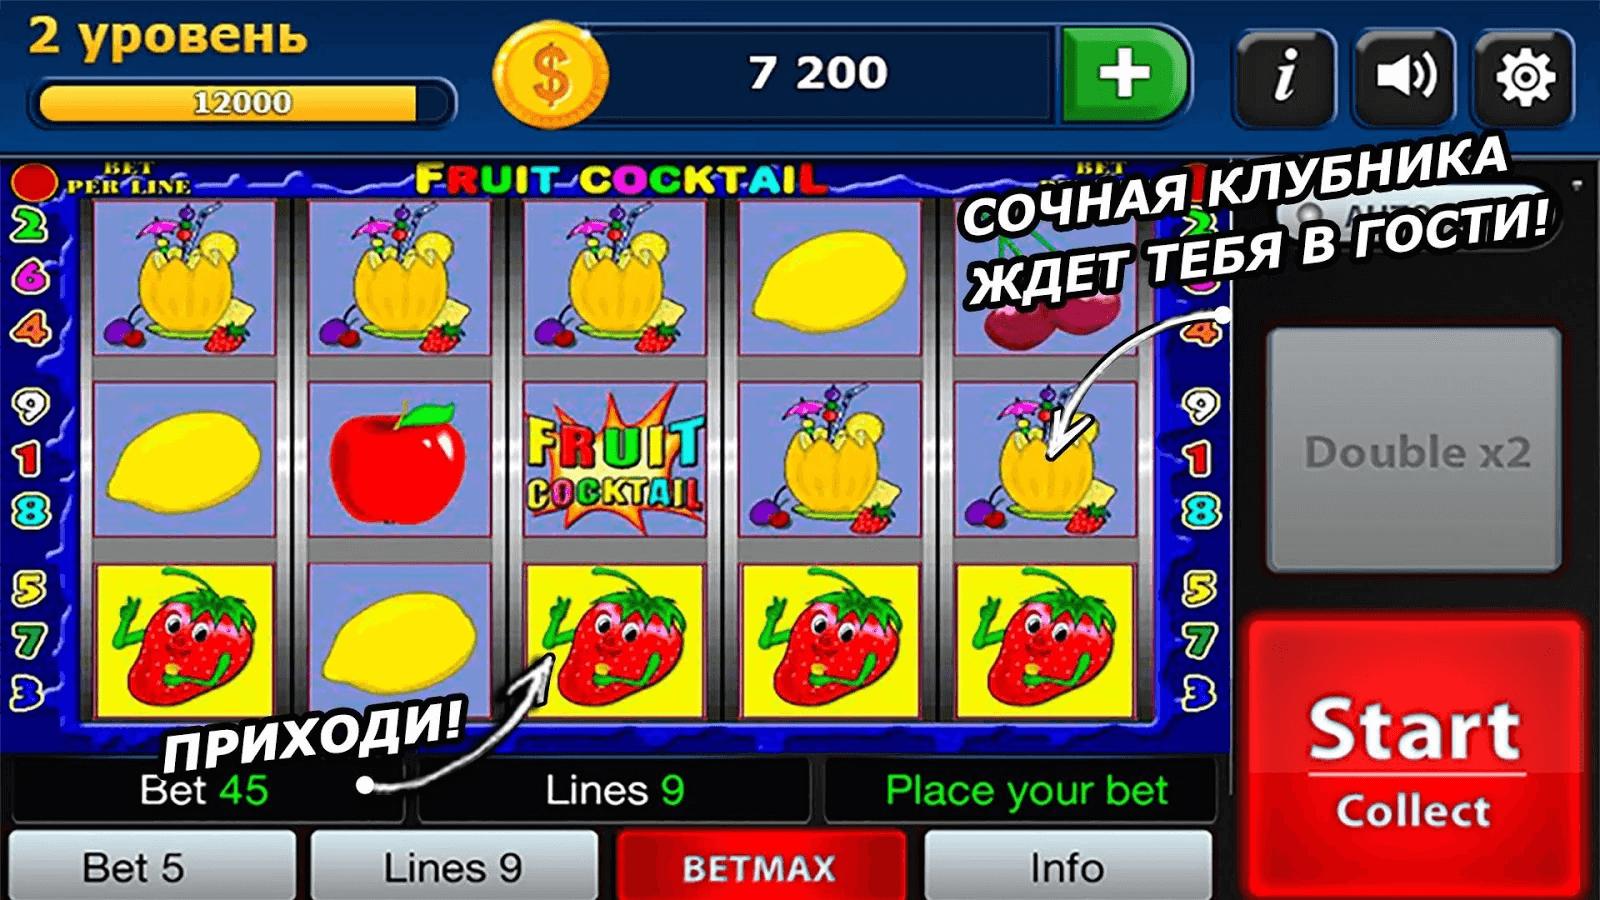 Игровые автоматы скачать на андроид без регистрации атроник игровые автоматы